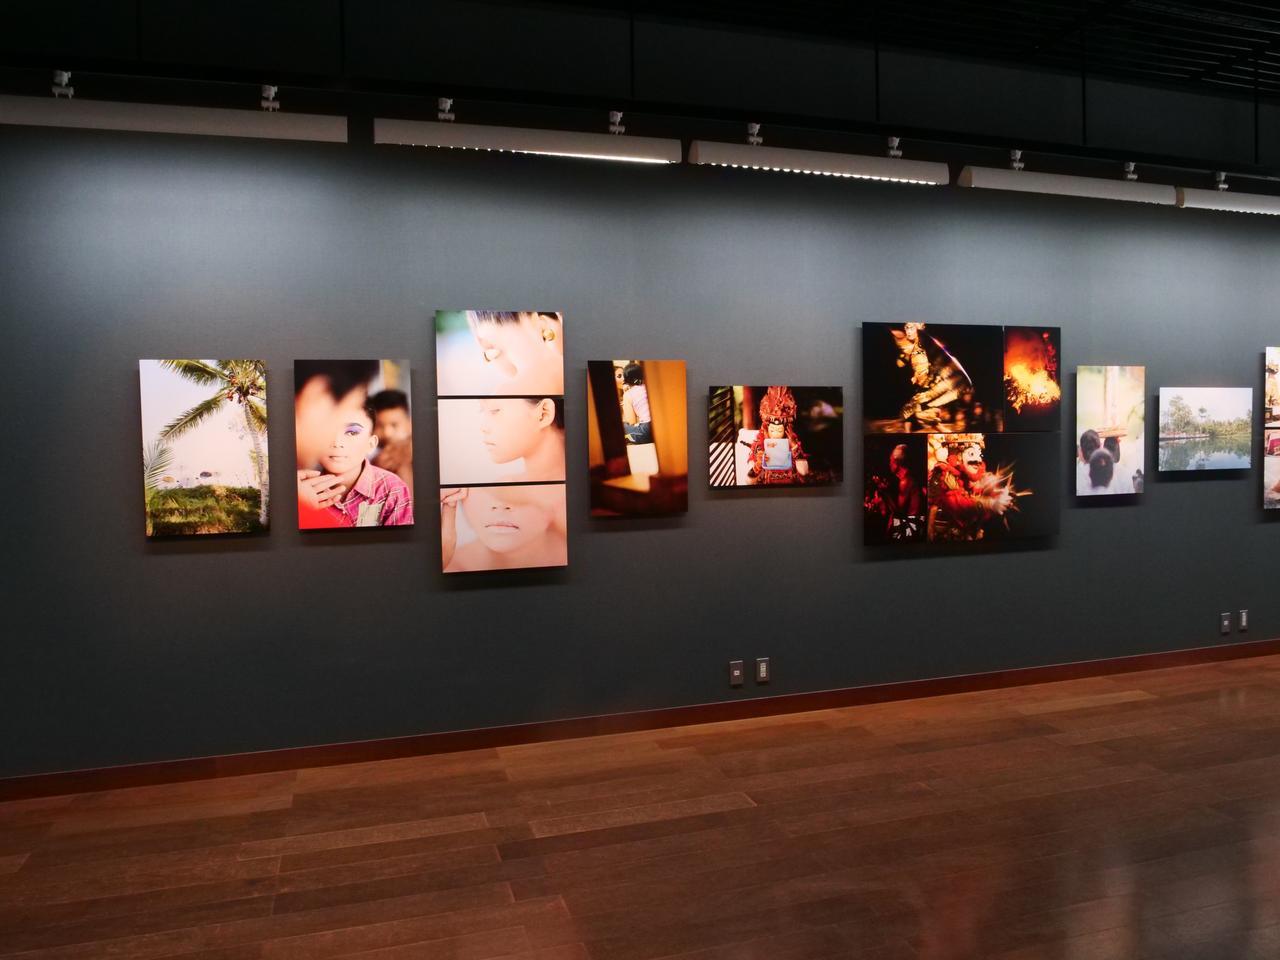 画像1: 島田真希写真展「DAY AFTER DAY -神、人、人、人- BALI  INDONESIA」がキヤノンギャラリー銀座で本日(6/7)より開催!